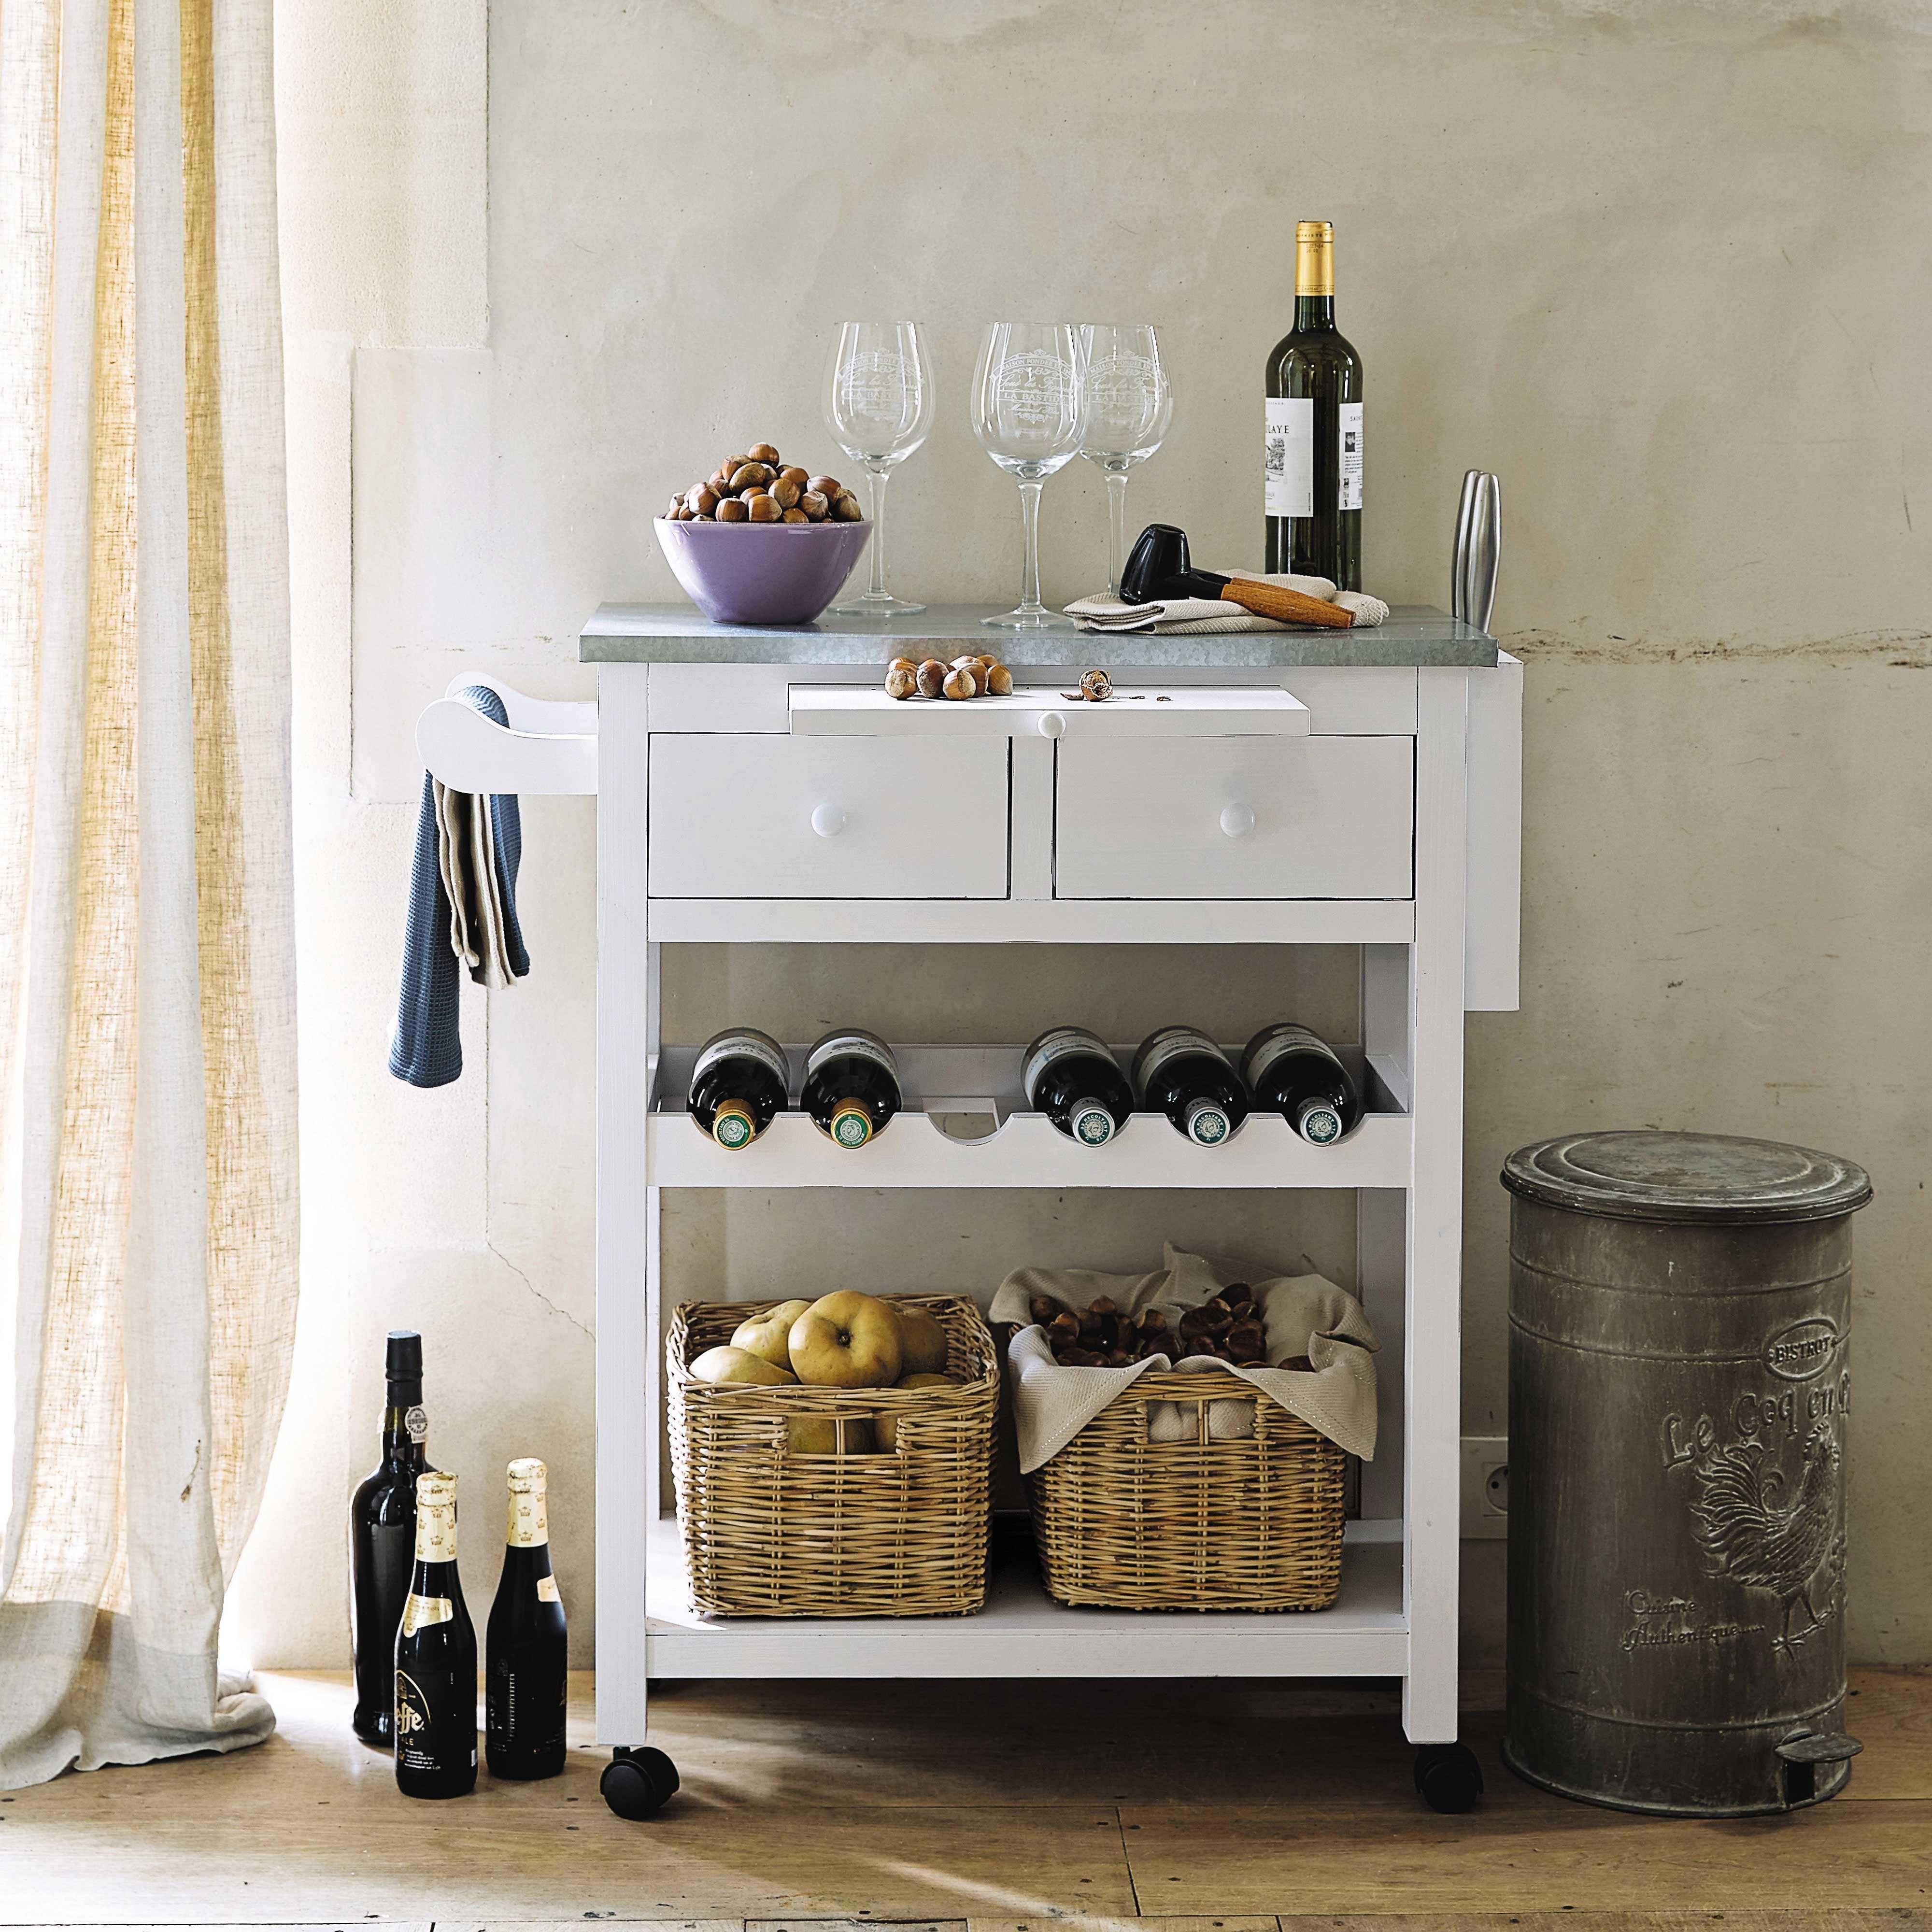 desserte en bois blanche l 82 cm sorgues maisons du monde maison de campagne pinterest. Black Bedroom Furniture Sets. Home Design Ideas